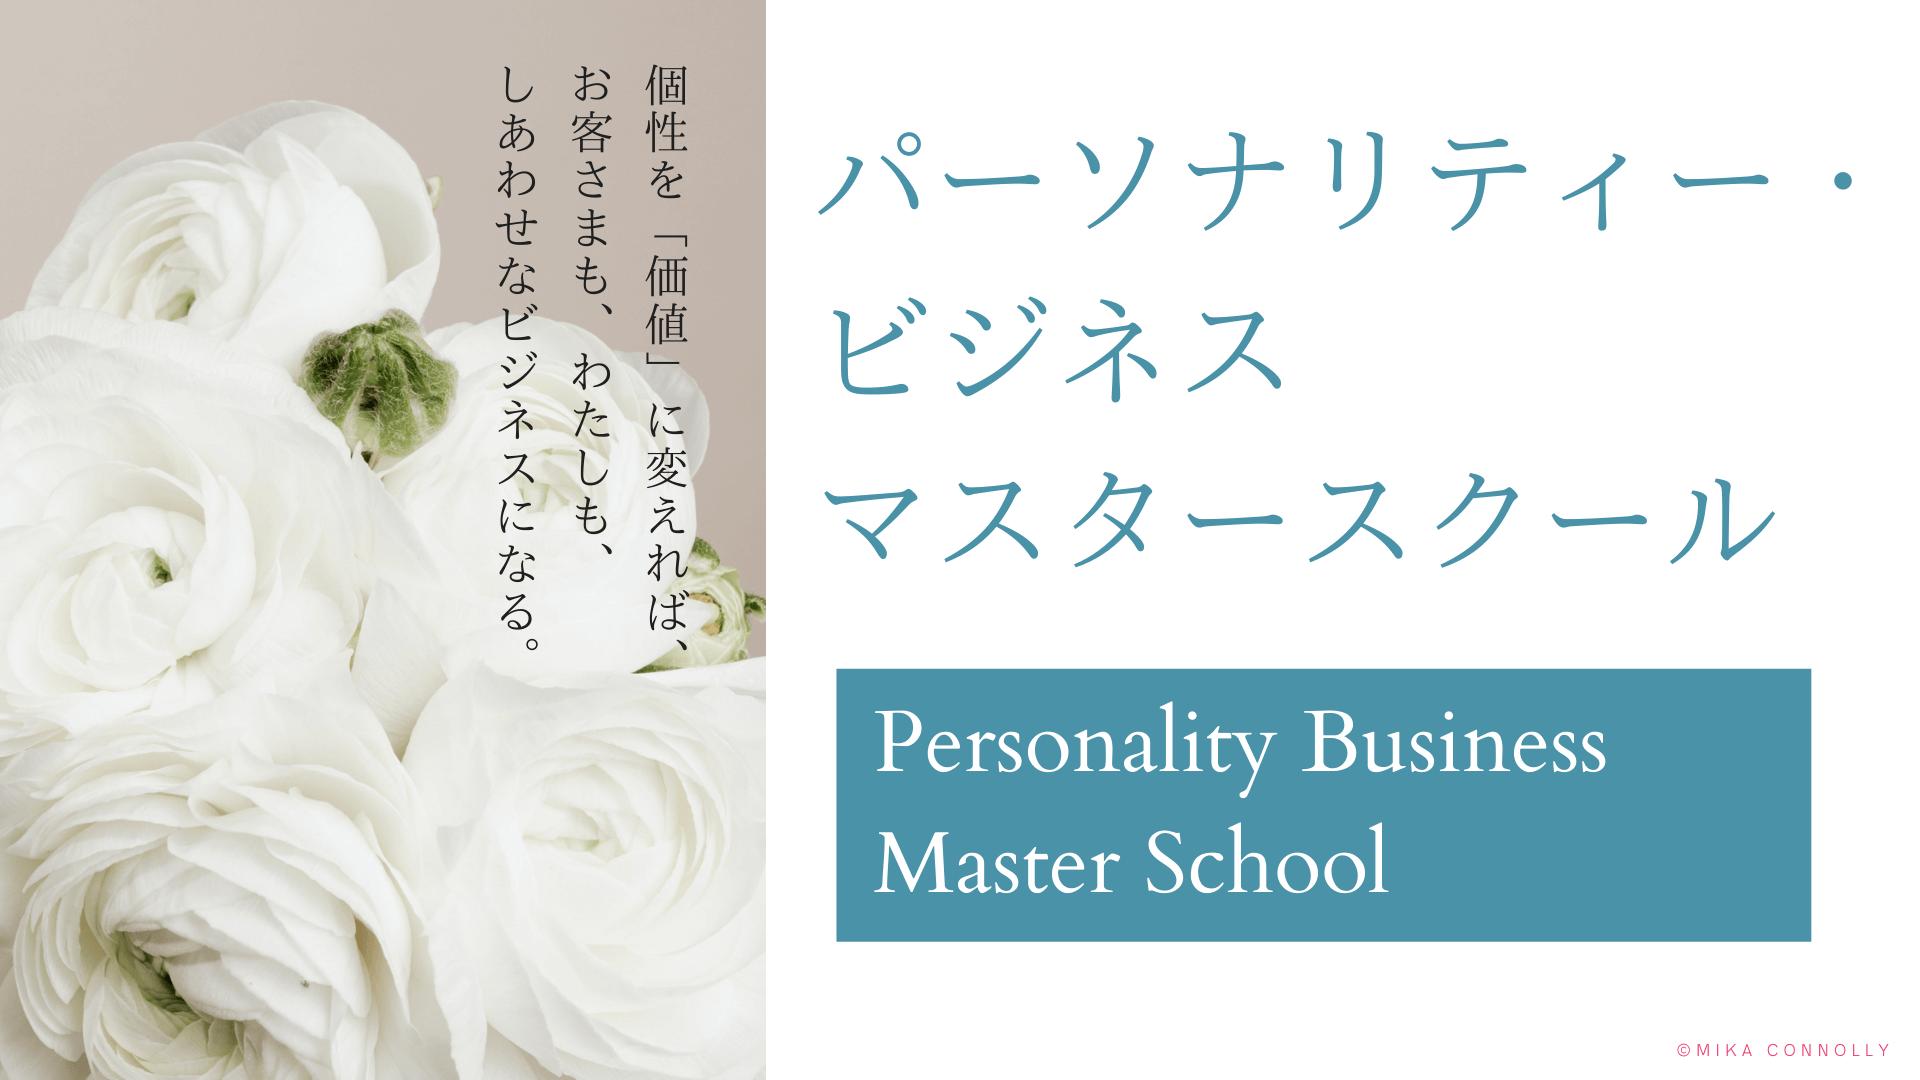 パーソナリティービジネスマスタースクール